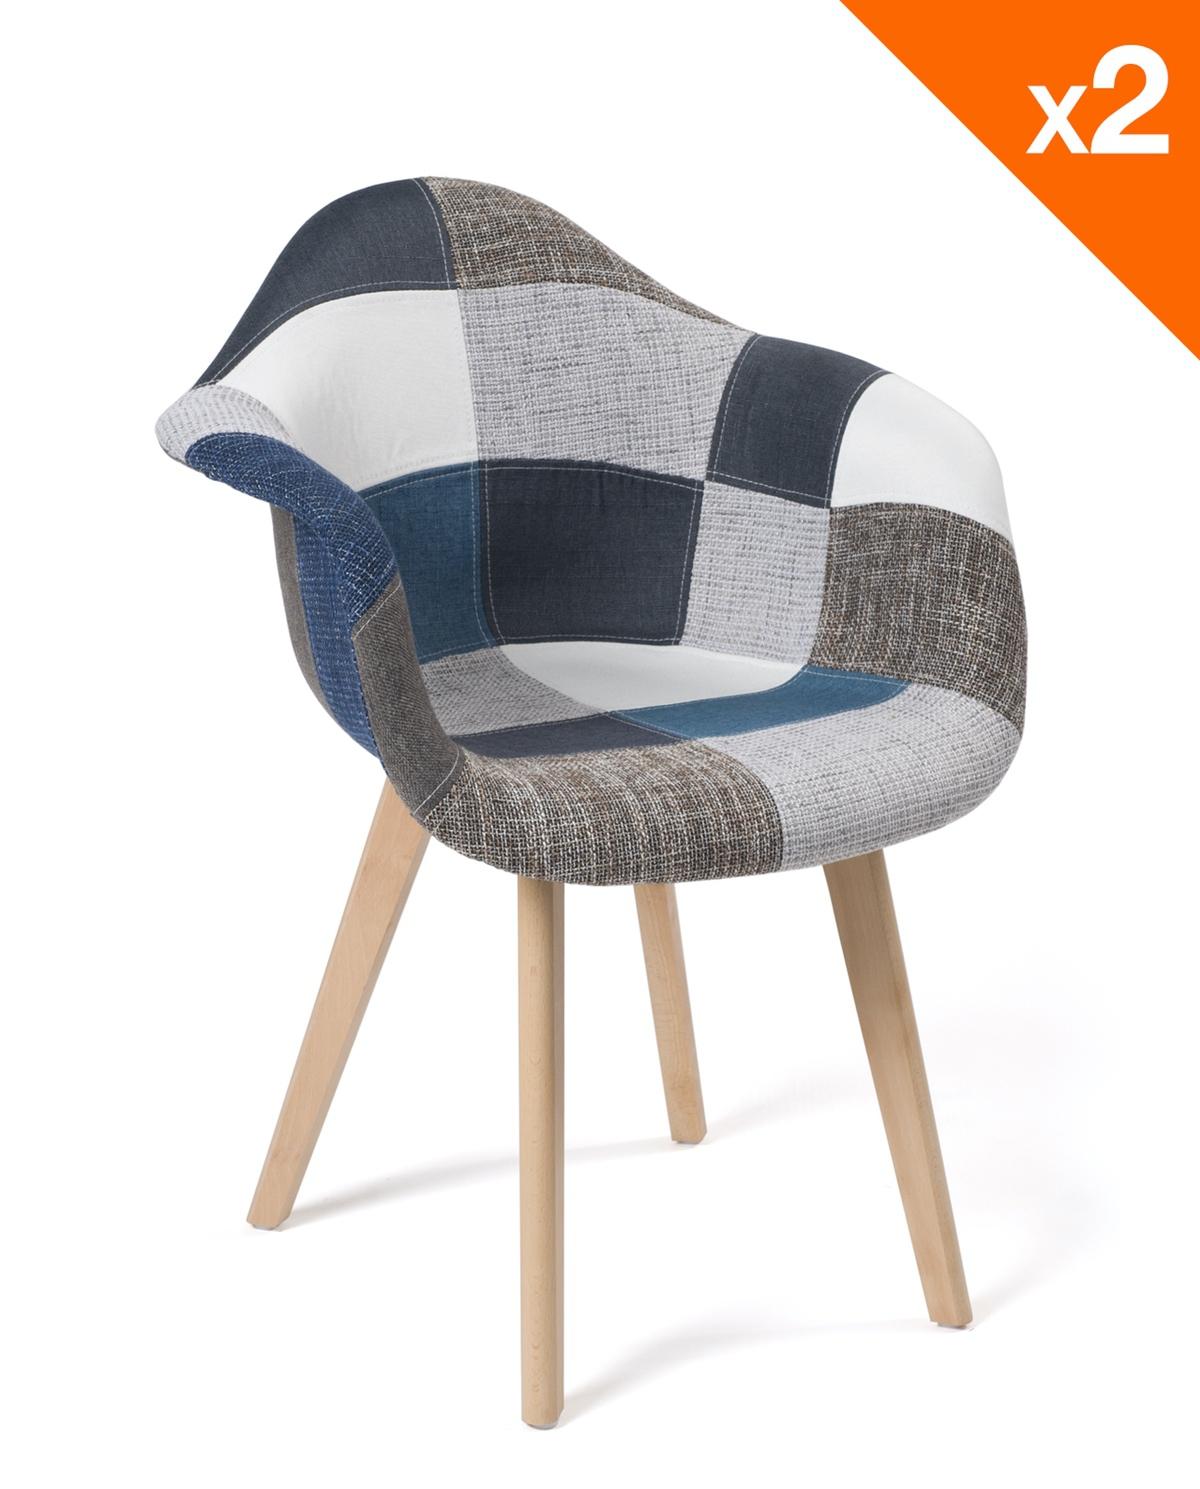 Fauteuils design Scandinaves Patchwork Gris Lot de 2